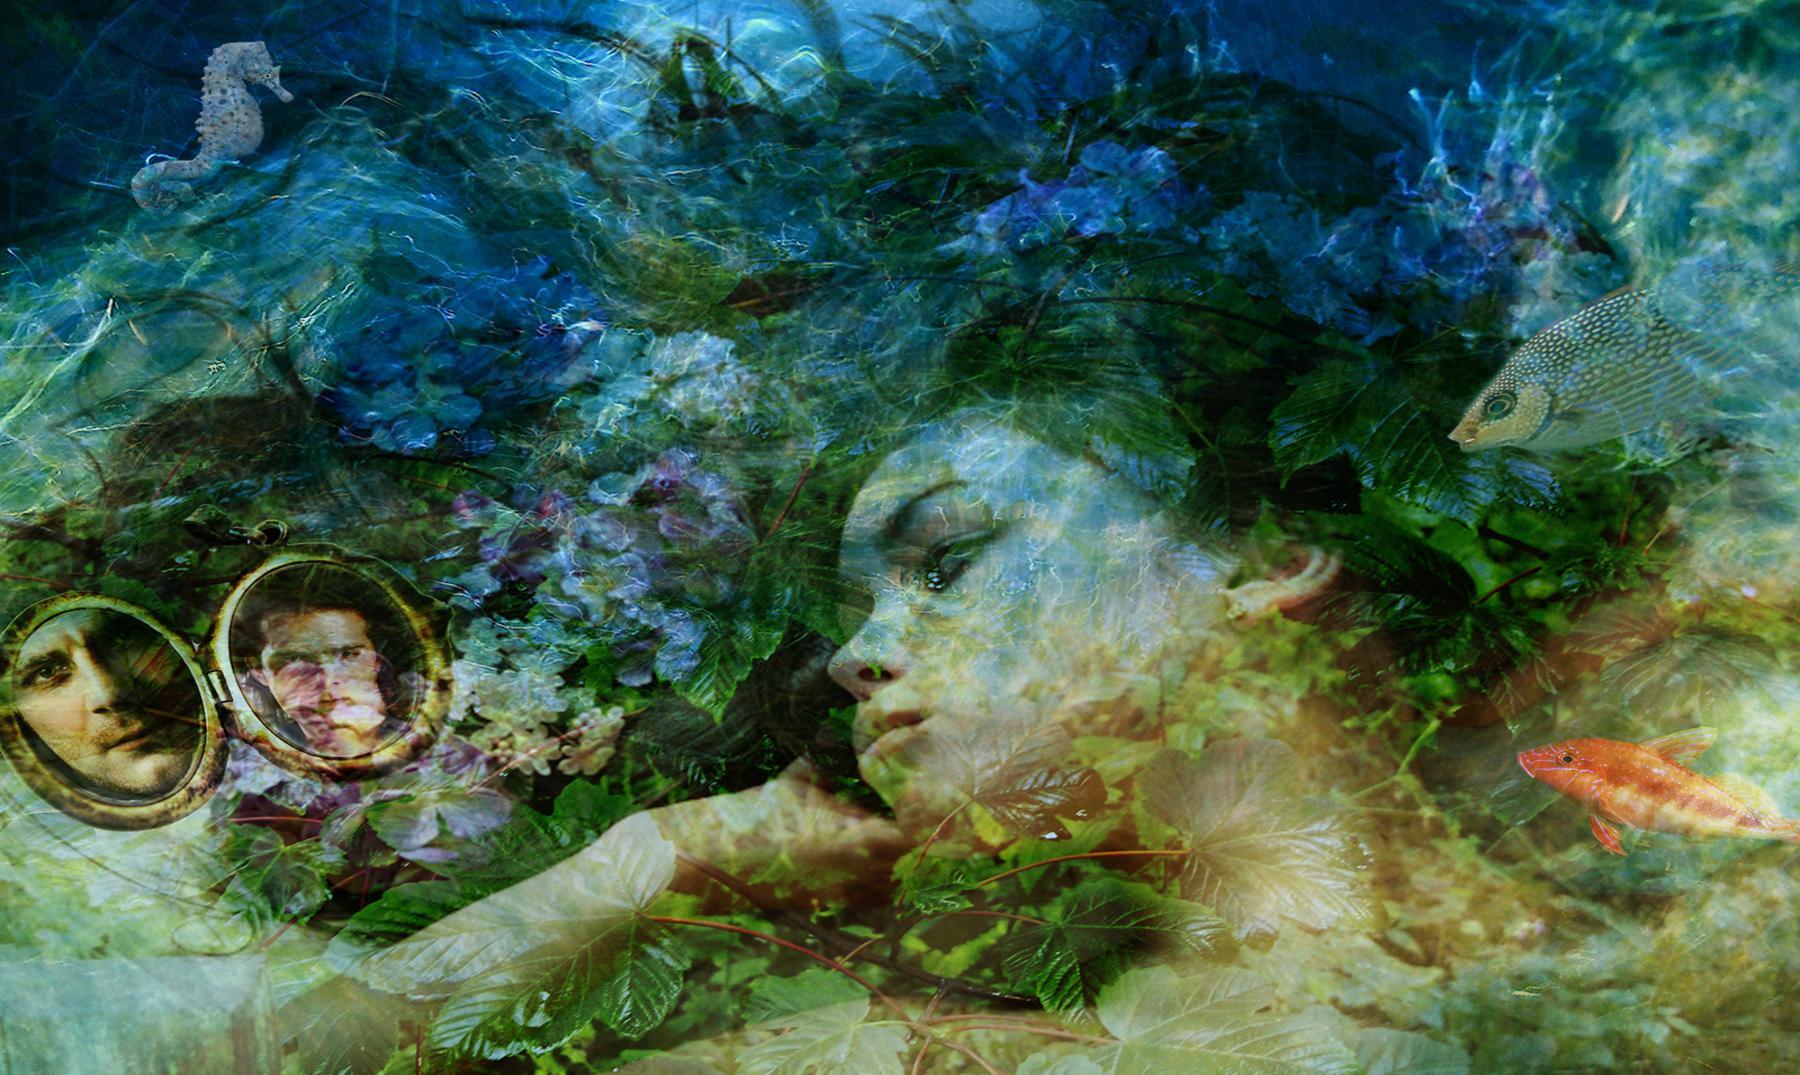 La leyenda de Sedna, la diosa inuit del mar